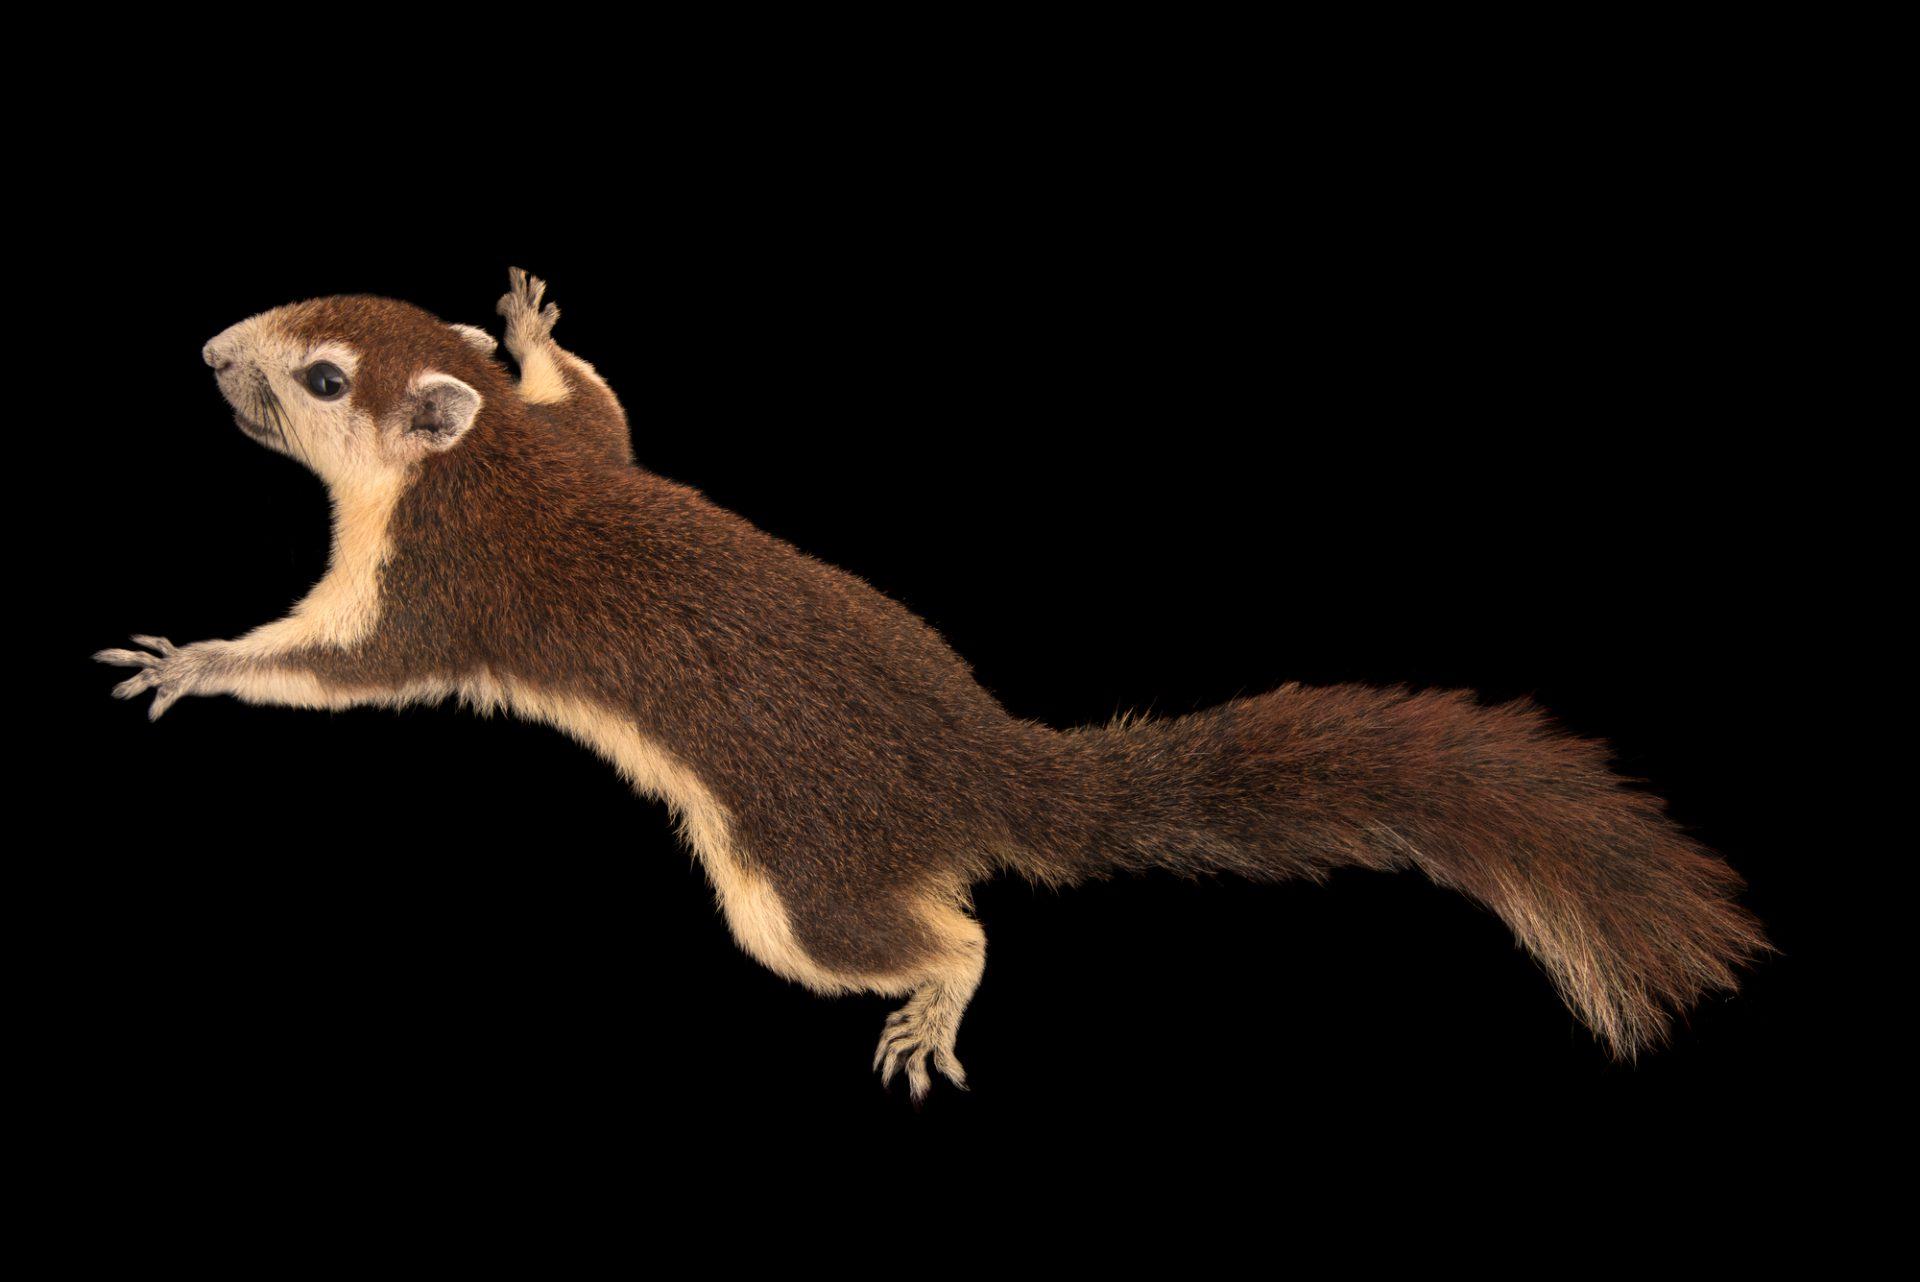 Photo: Finlayson's squirrel (Callosciurus finlaysonii) at the Singapore Zoo.